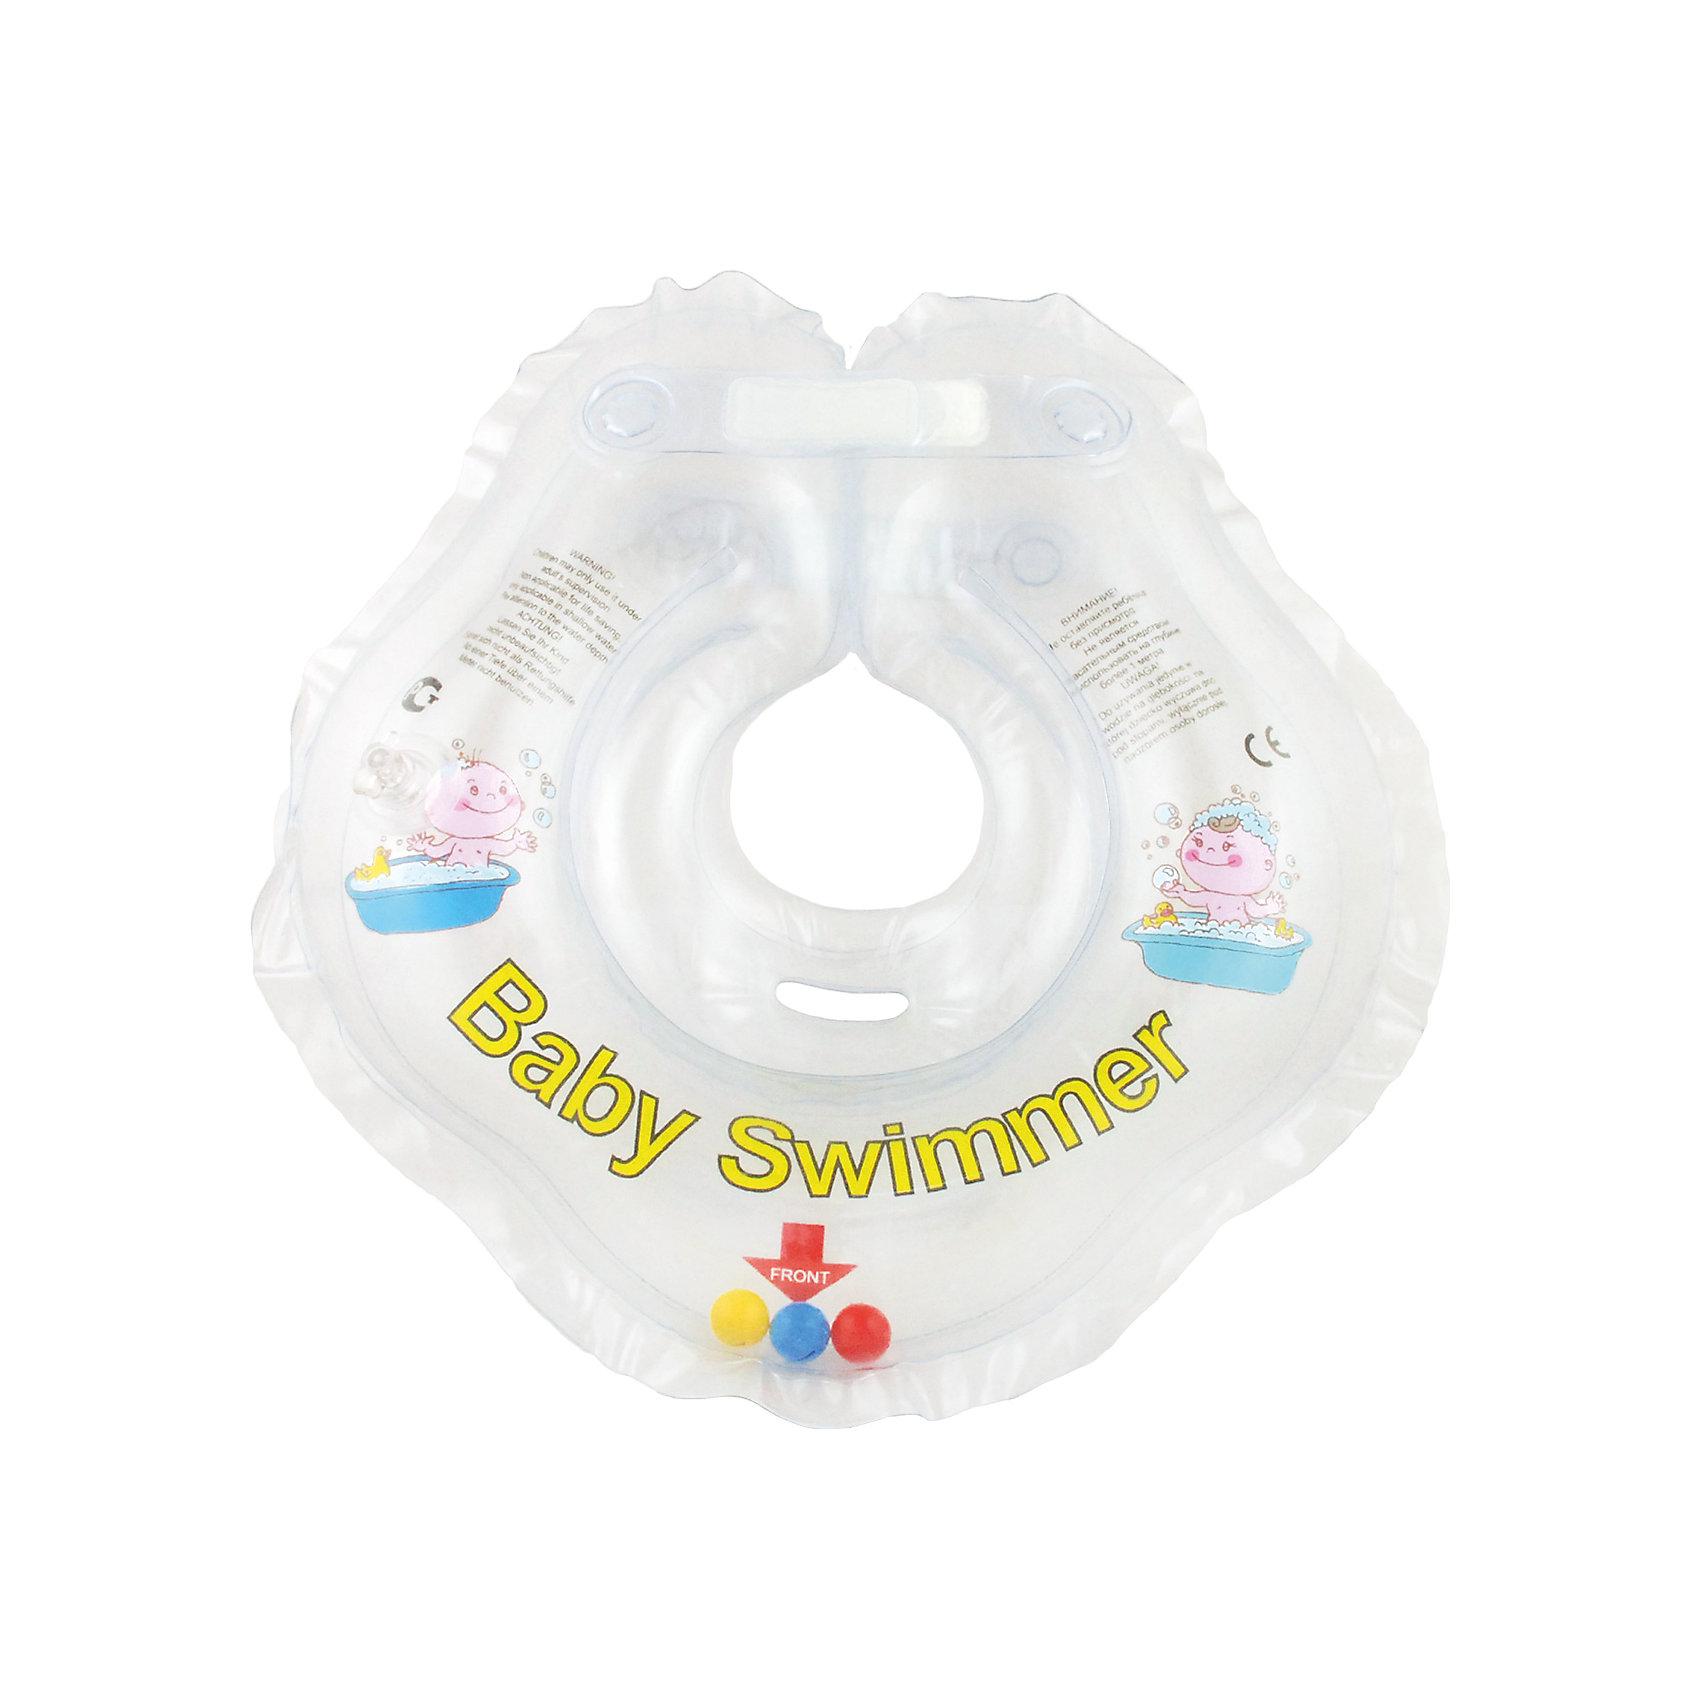 Круг для купания с погремушкой внутри BabySwimmer, прозрачный (Baby Swimmer)